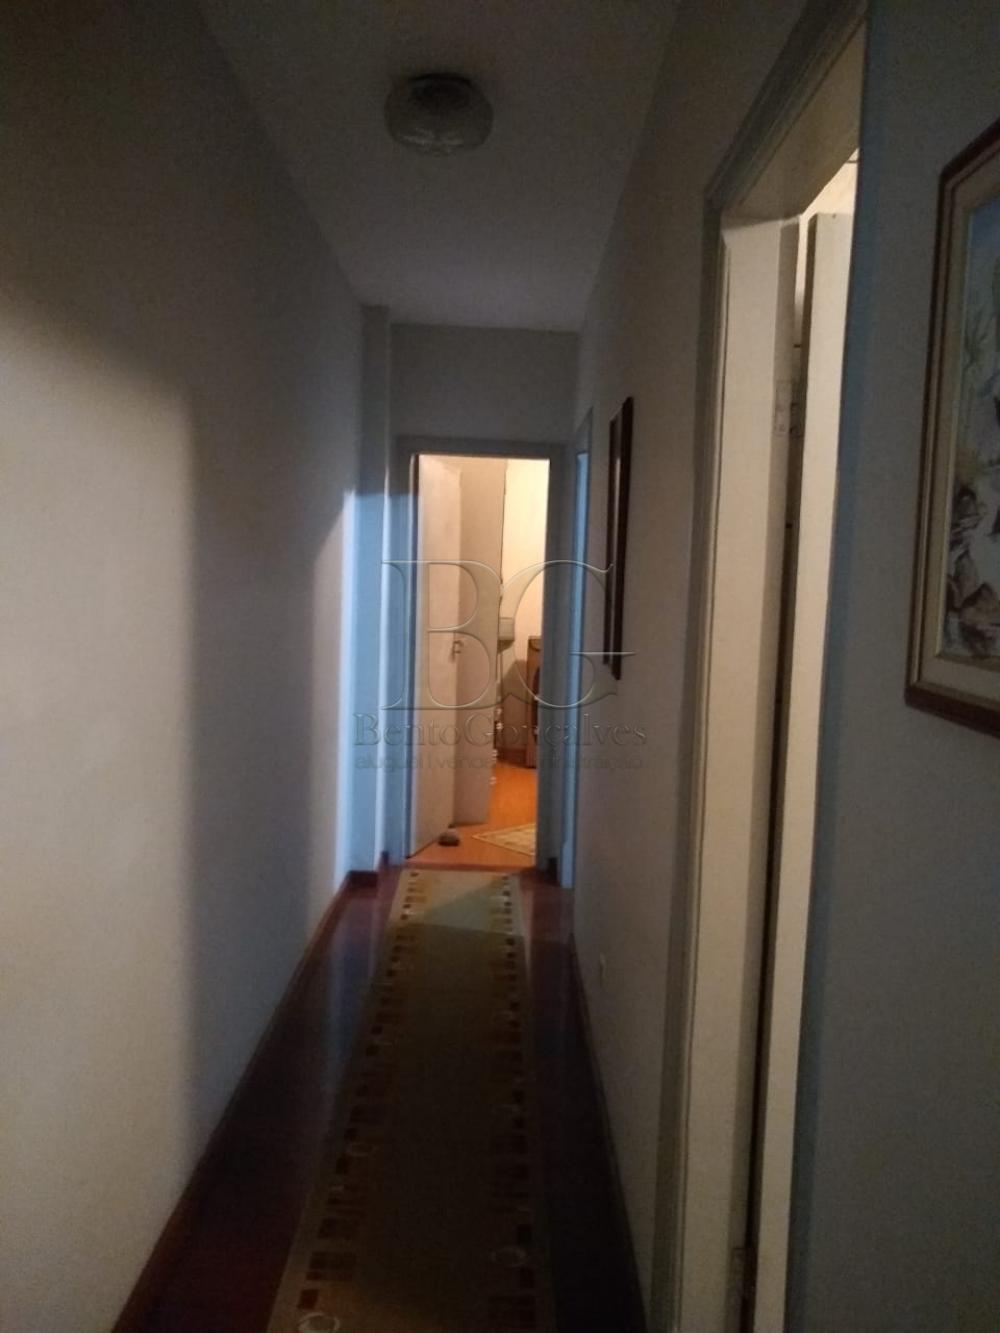 Comprar Apartamentos / Predio comercial e Residencial em Poços de Caldas apenas R$ 400.000,00 - Foto 8